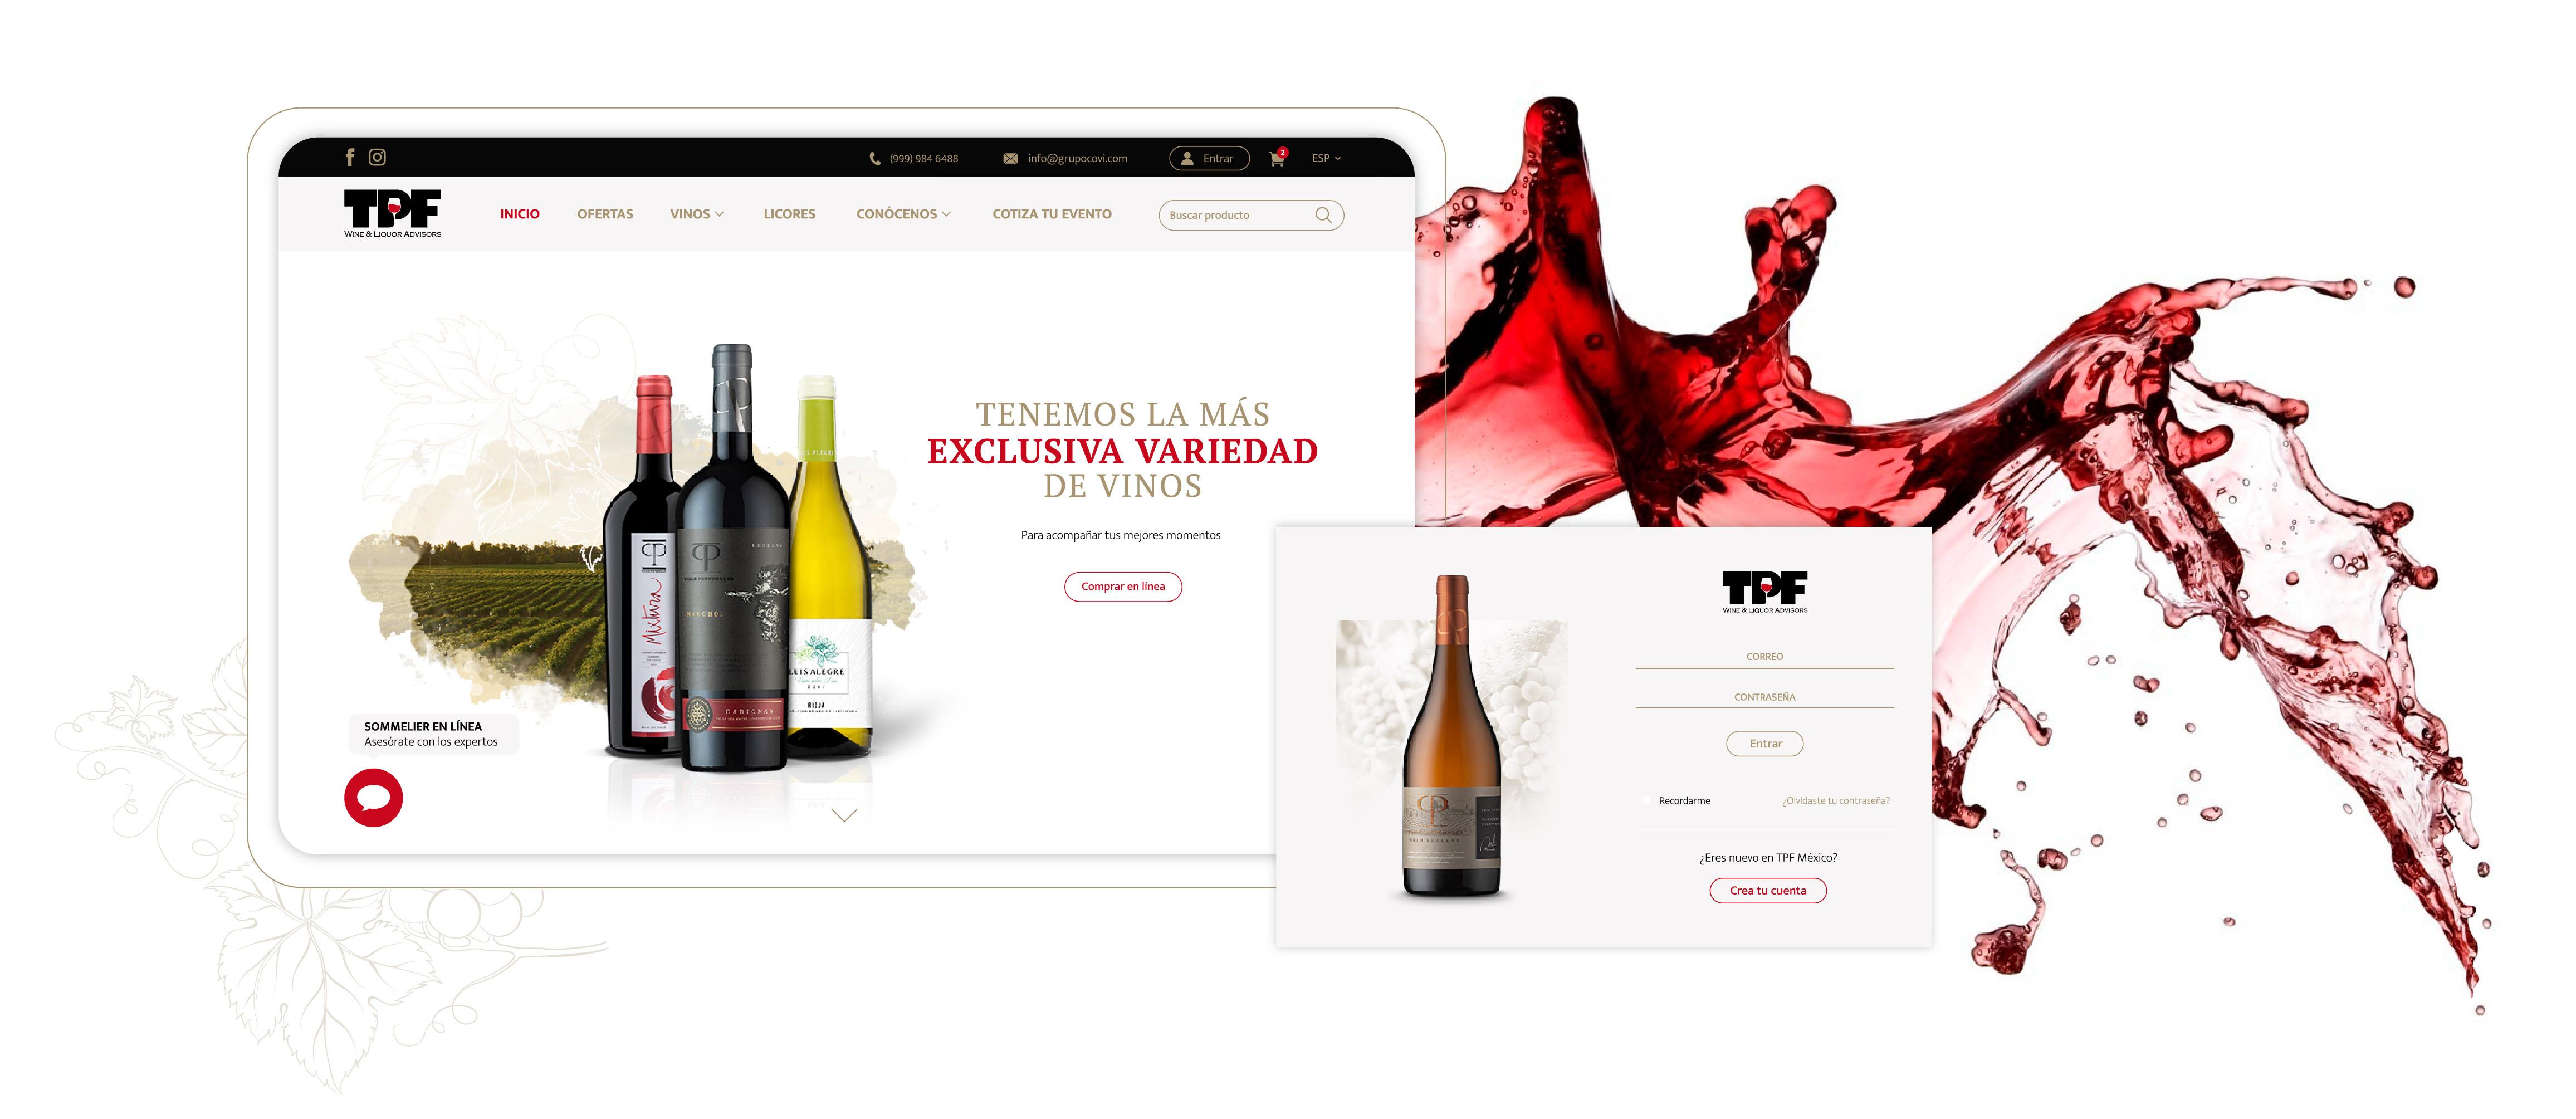 TPF ecommerce